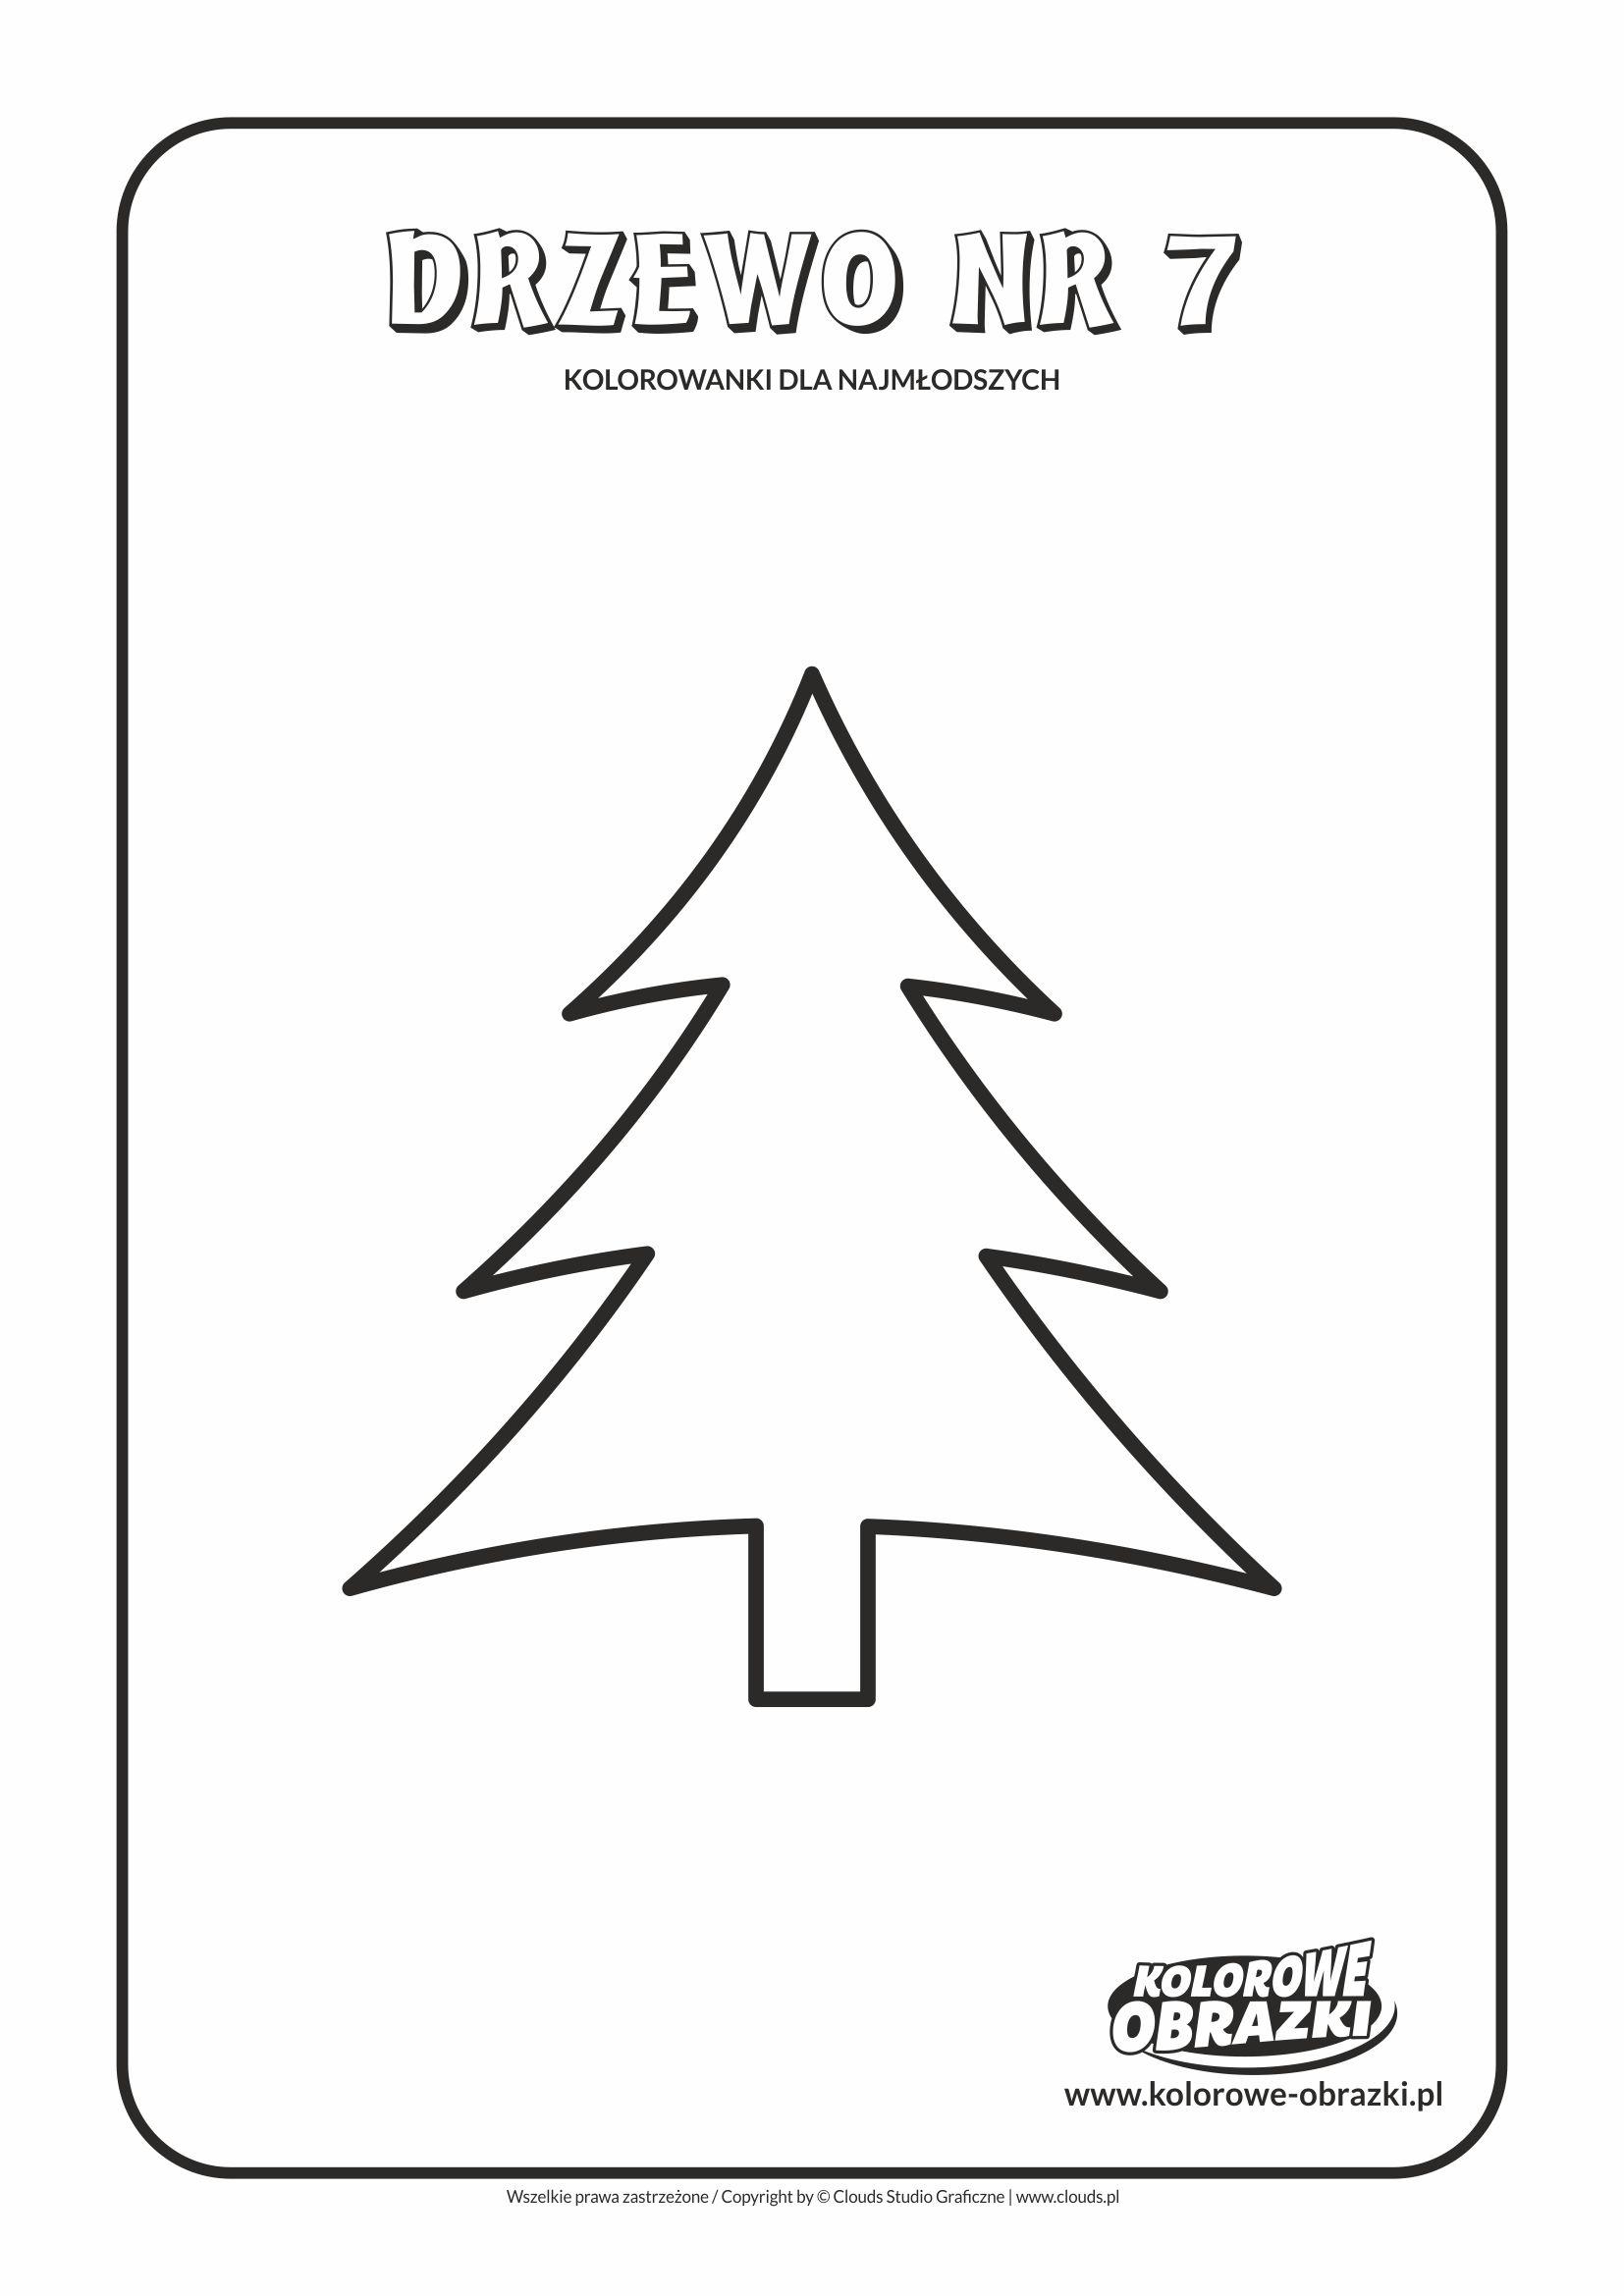 Proste kolorowanki dla najmłodszych - Drzewa / Drzewo nr 7. Kolorowanka z drzewem